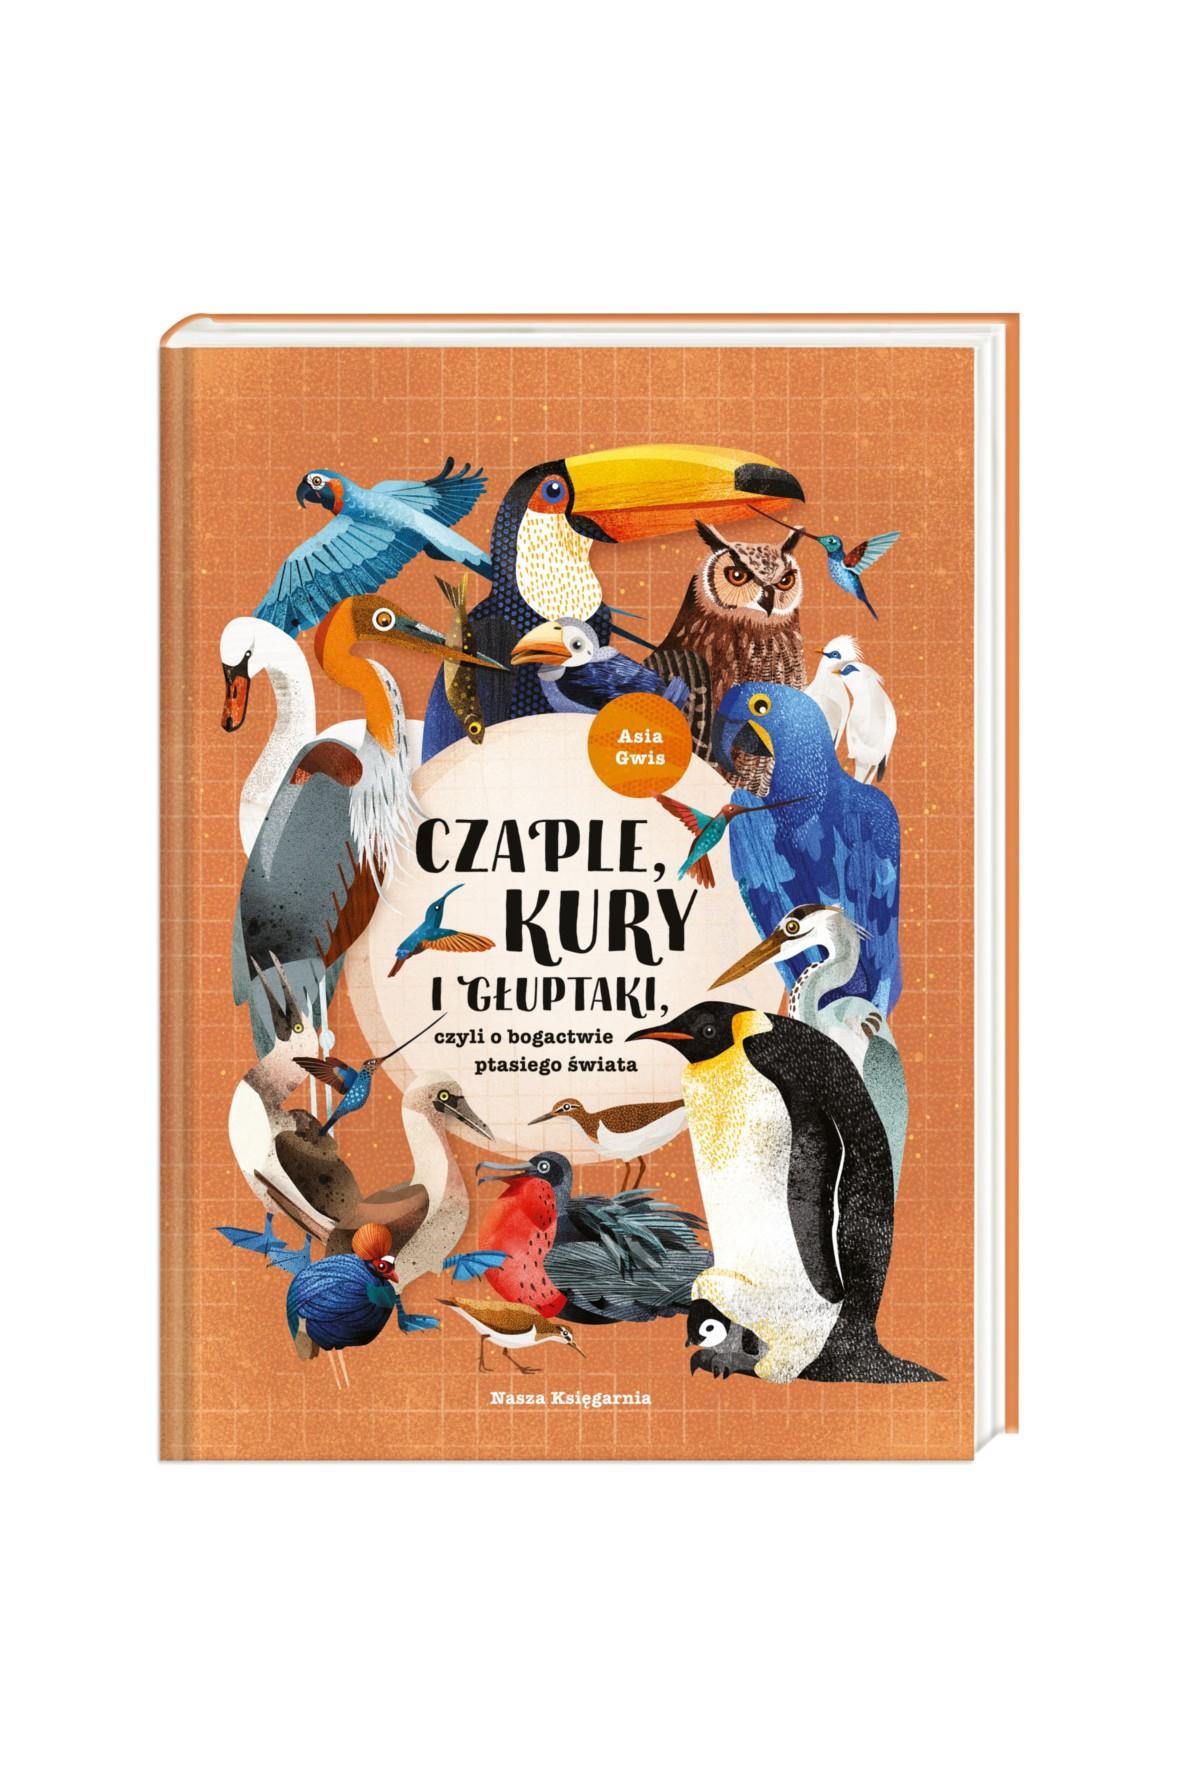 Książka- Czaple, kury i głuptaki, czyli o bogactwie ptasiego świata